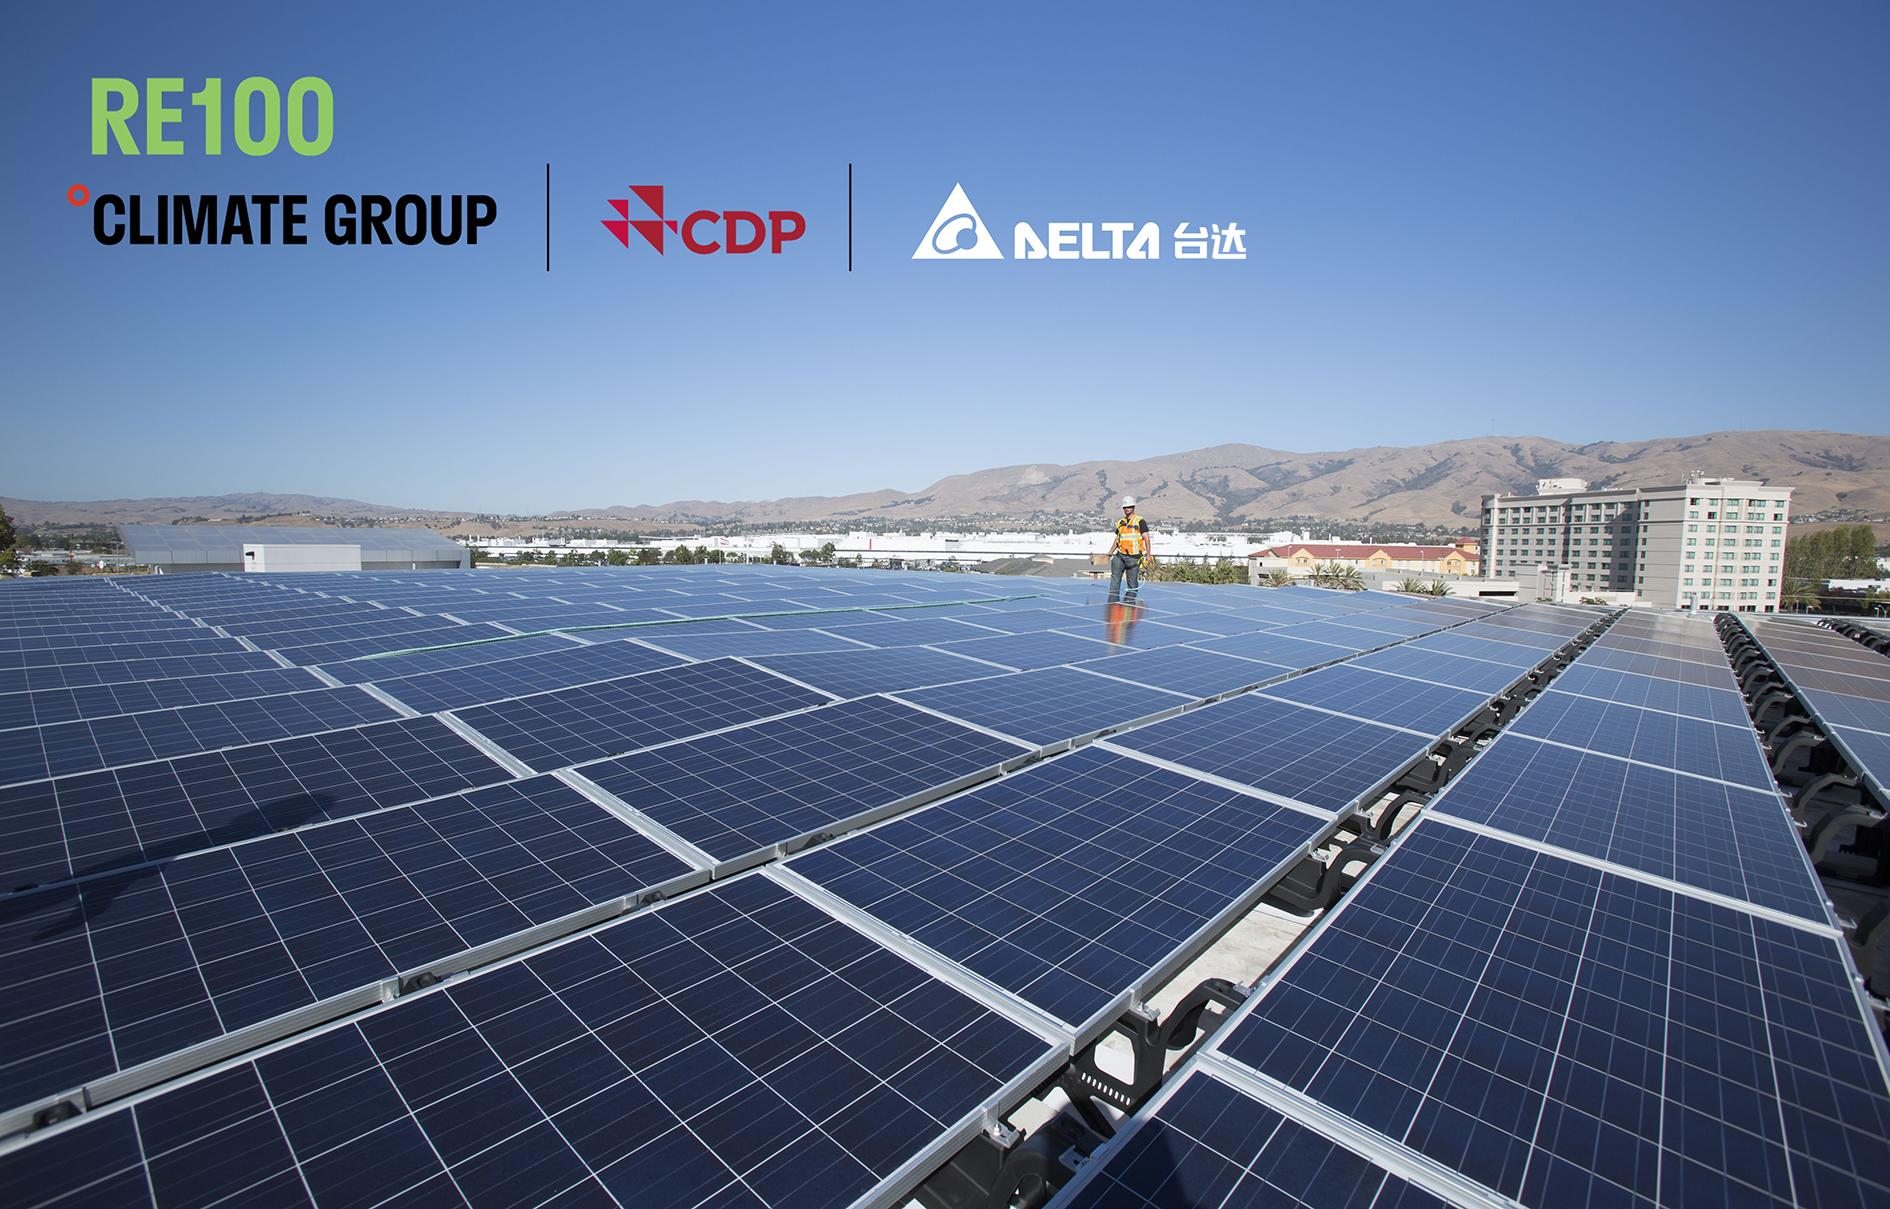 台达加入RE100倡议组织 承诺2030年达成碳中和目标